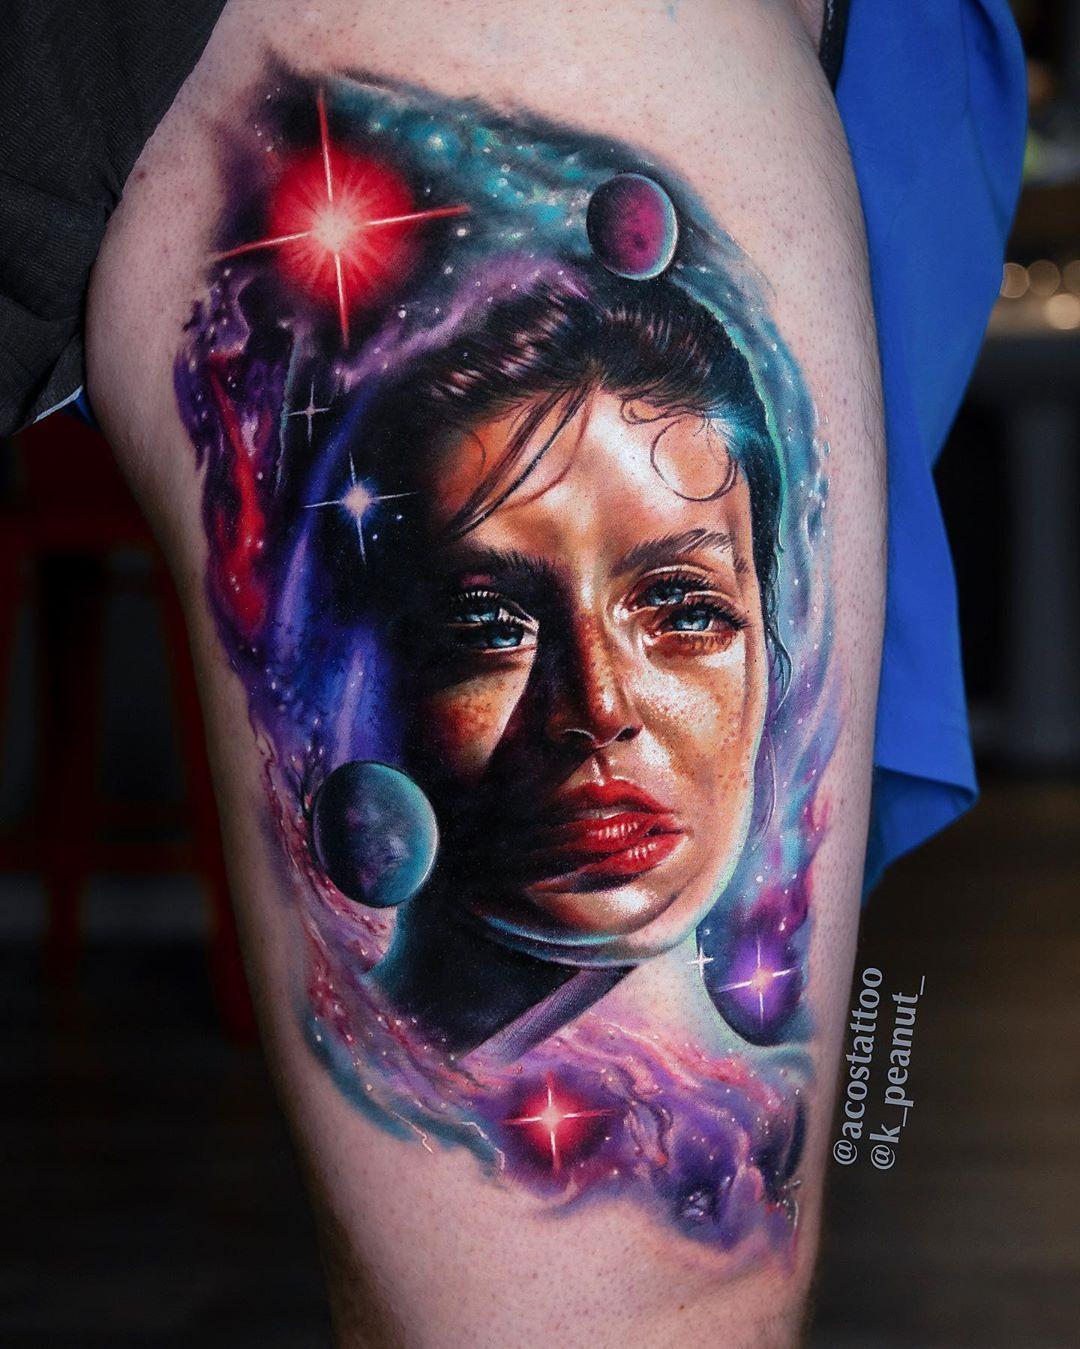 watercolor tattoo artist austin tx